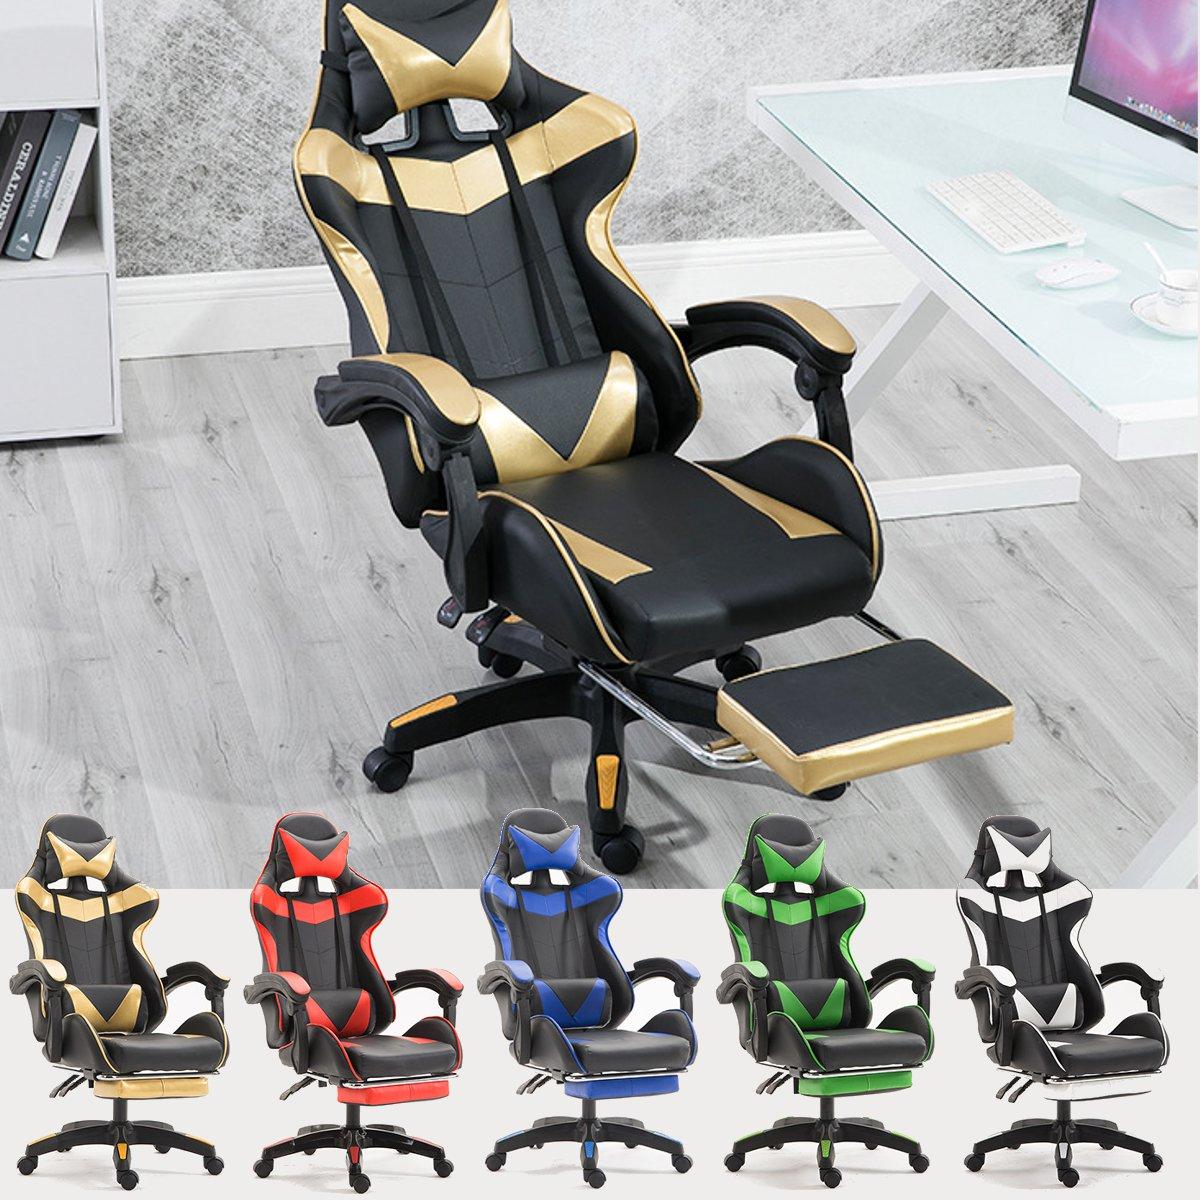 5 цветов, игровое кресло из искусственной кожи для гонок, офисное эргономичное кресло с высокой спинкой и подставкой для ног, профессиональн...